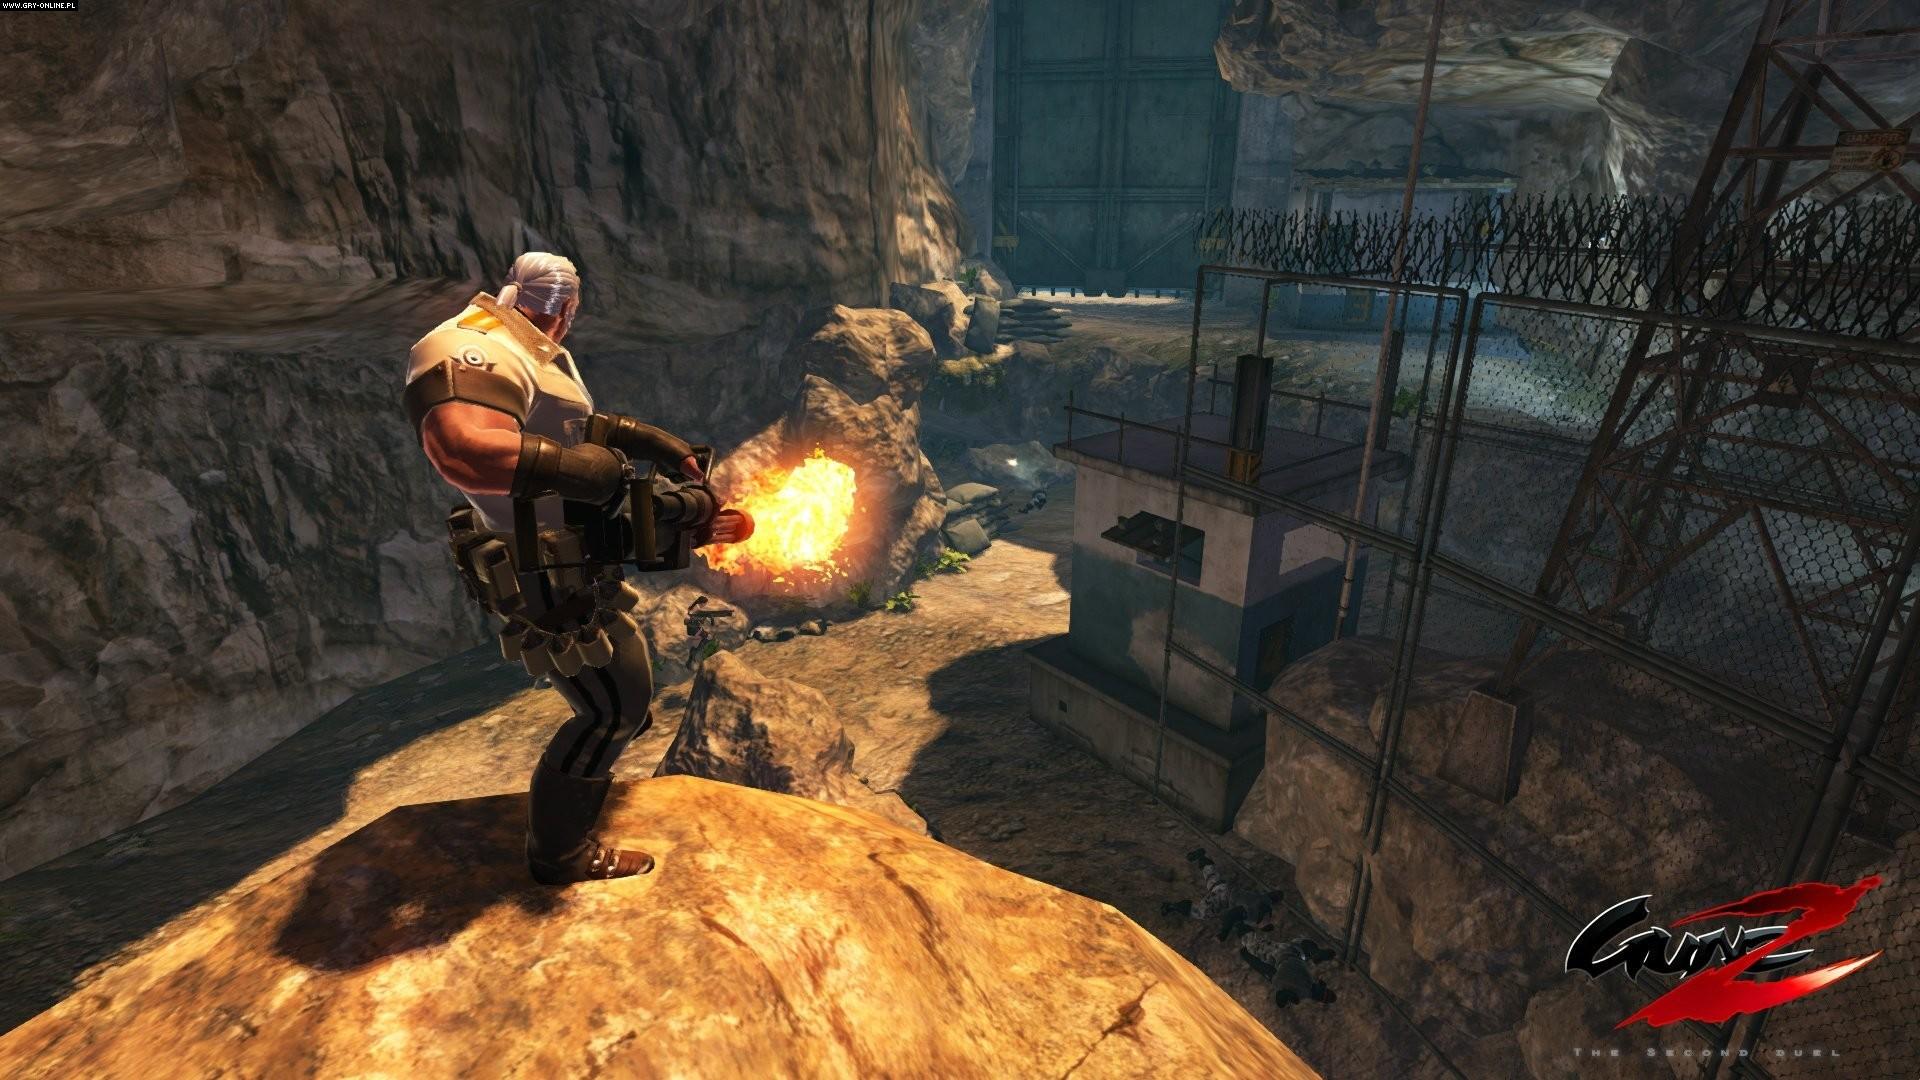 Res: 1920x1080, GunZ 2: The Second Duel PC Games Image 1/8, MAIET entertainment,